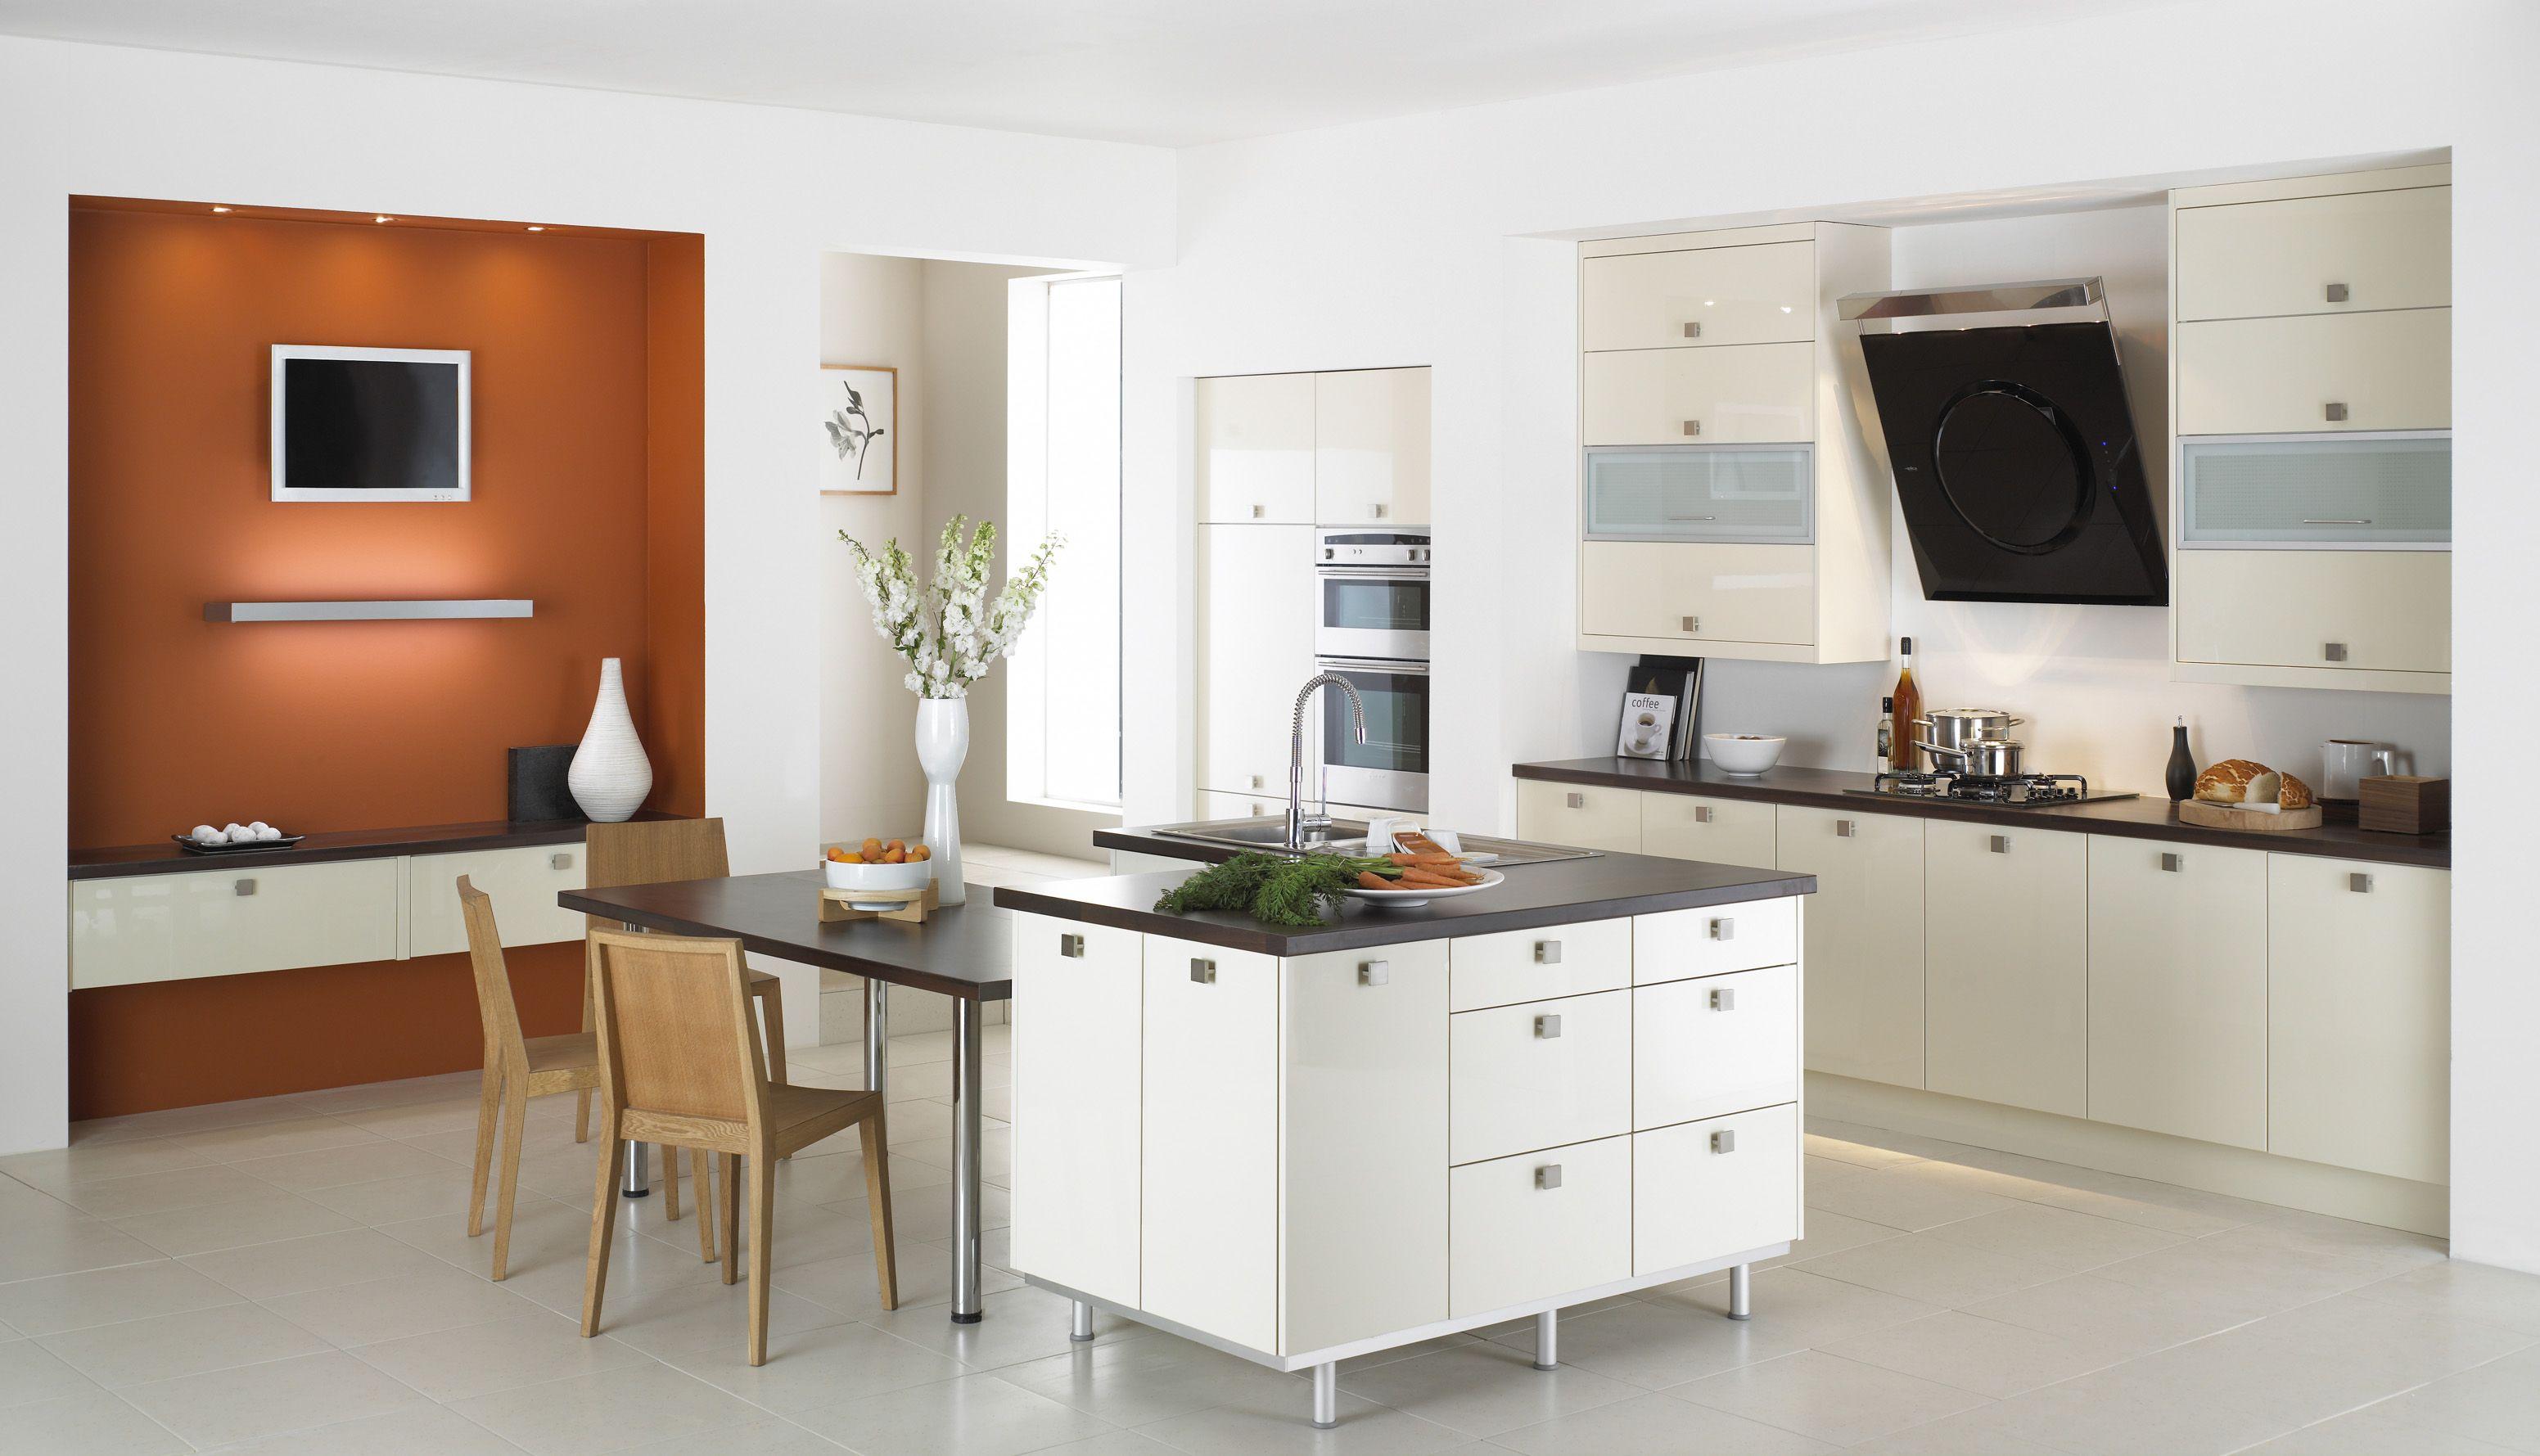 Interior as kitchen interior design ideas for kitchen interior